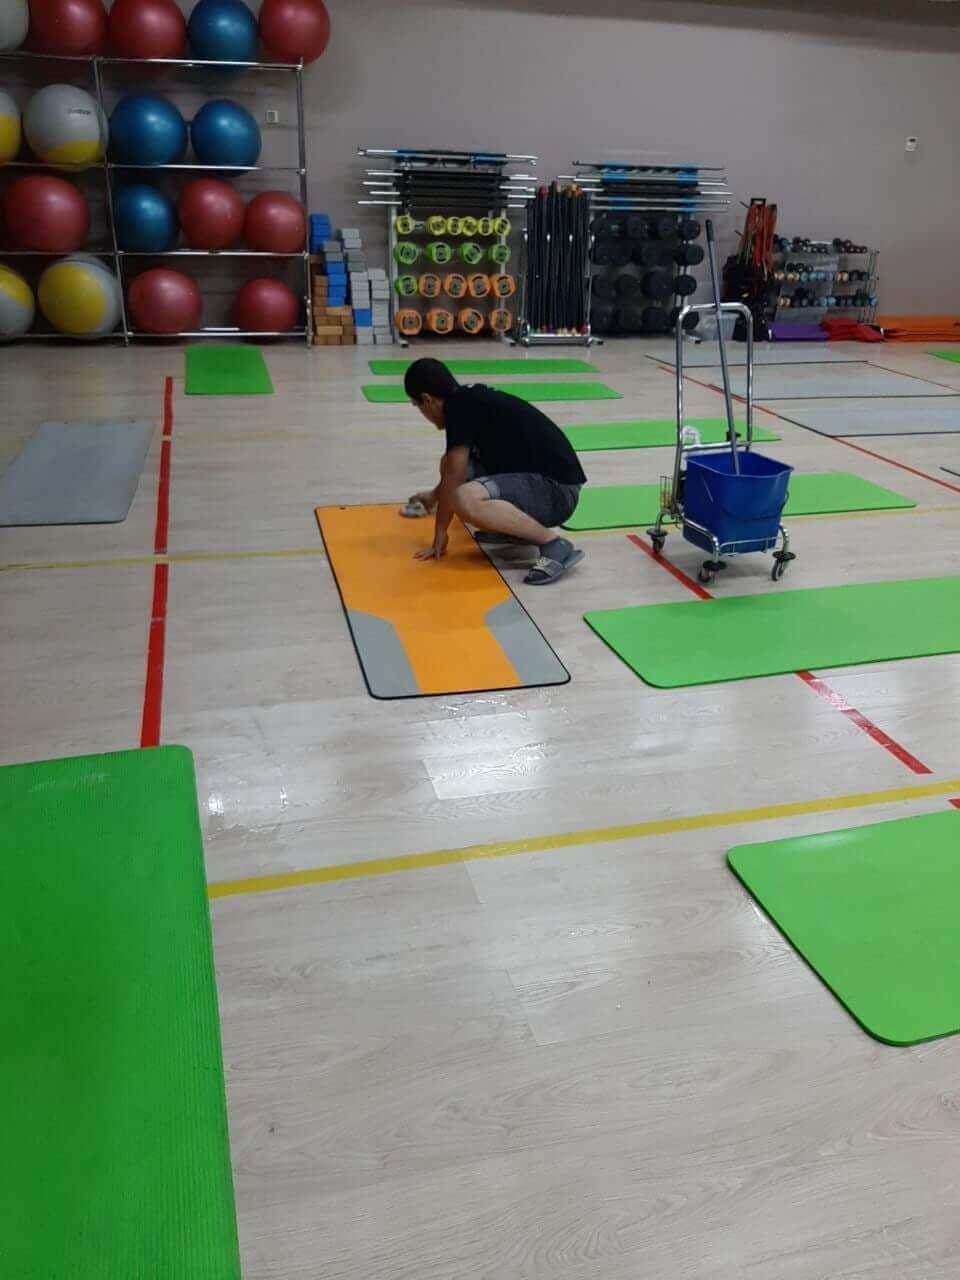 Уборщик моет спортивные коврики в фитнес-клубе